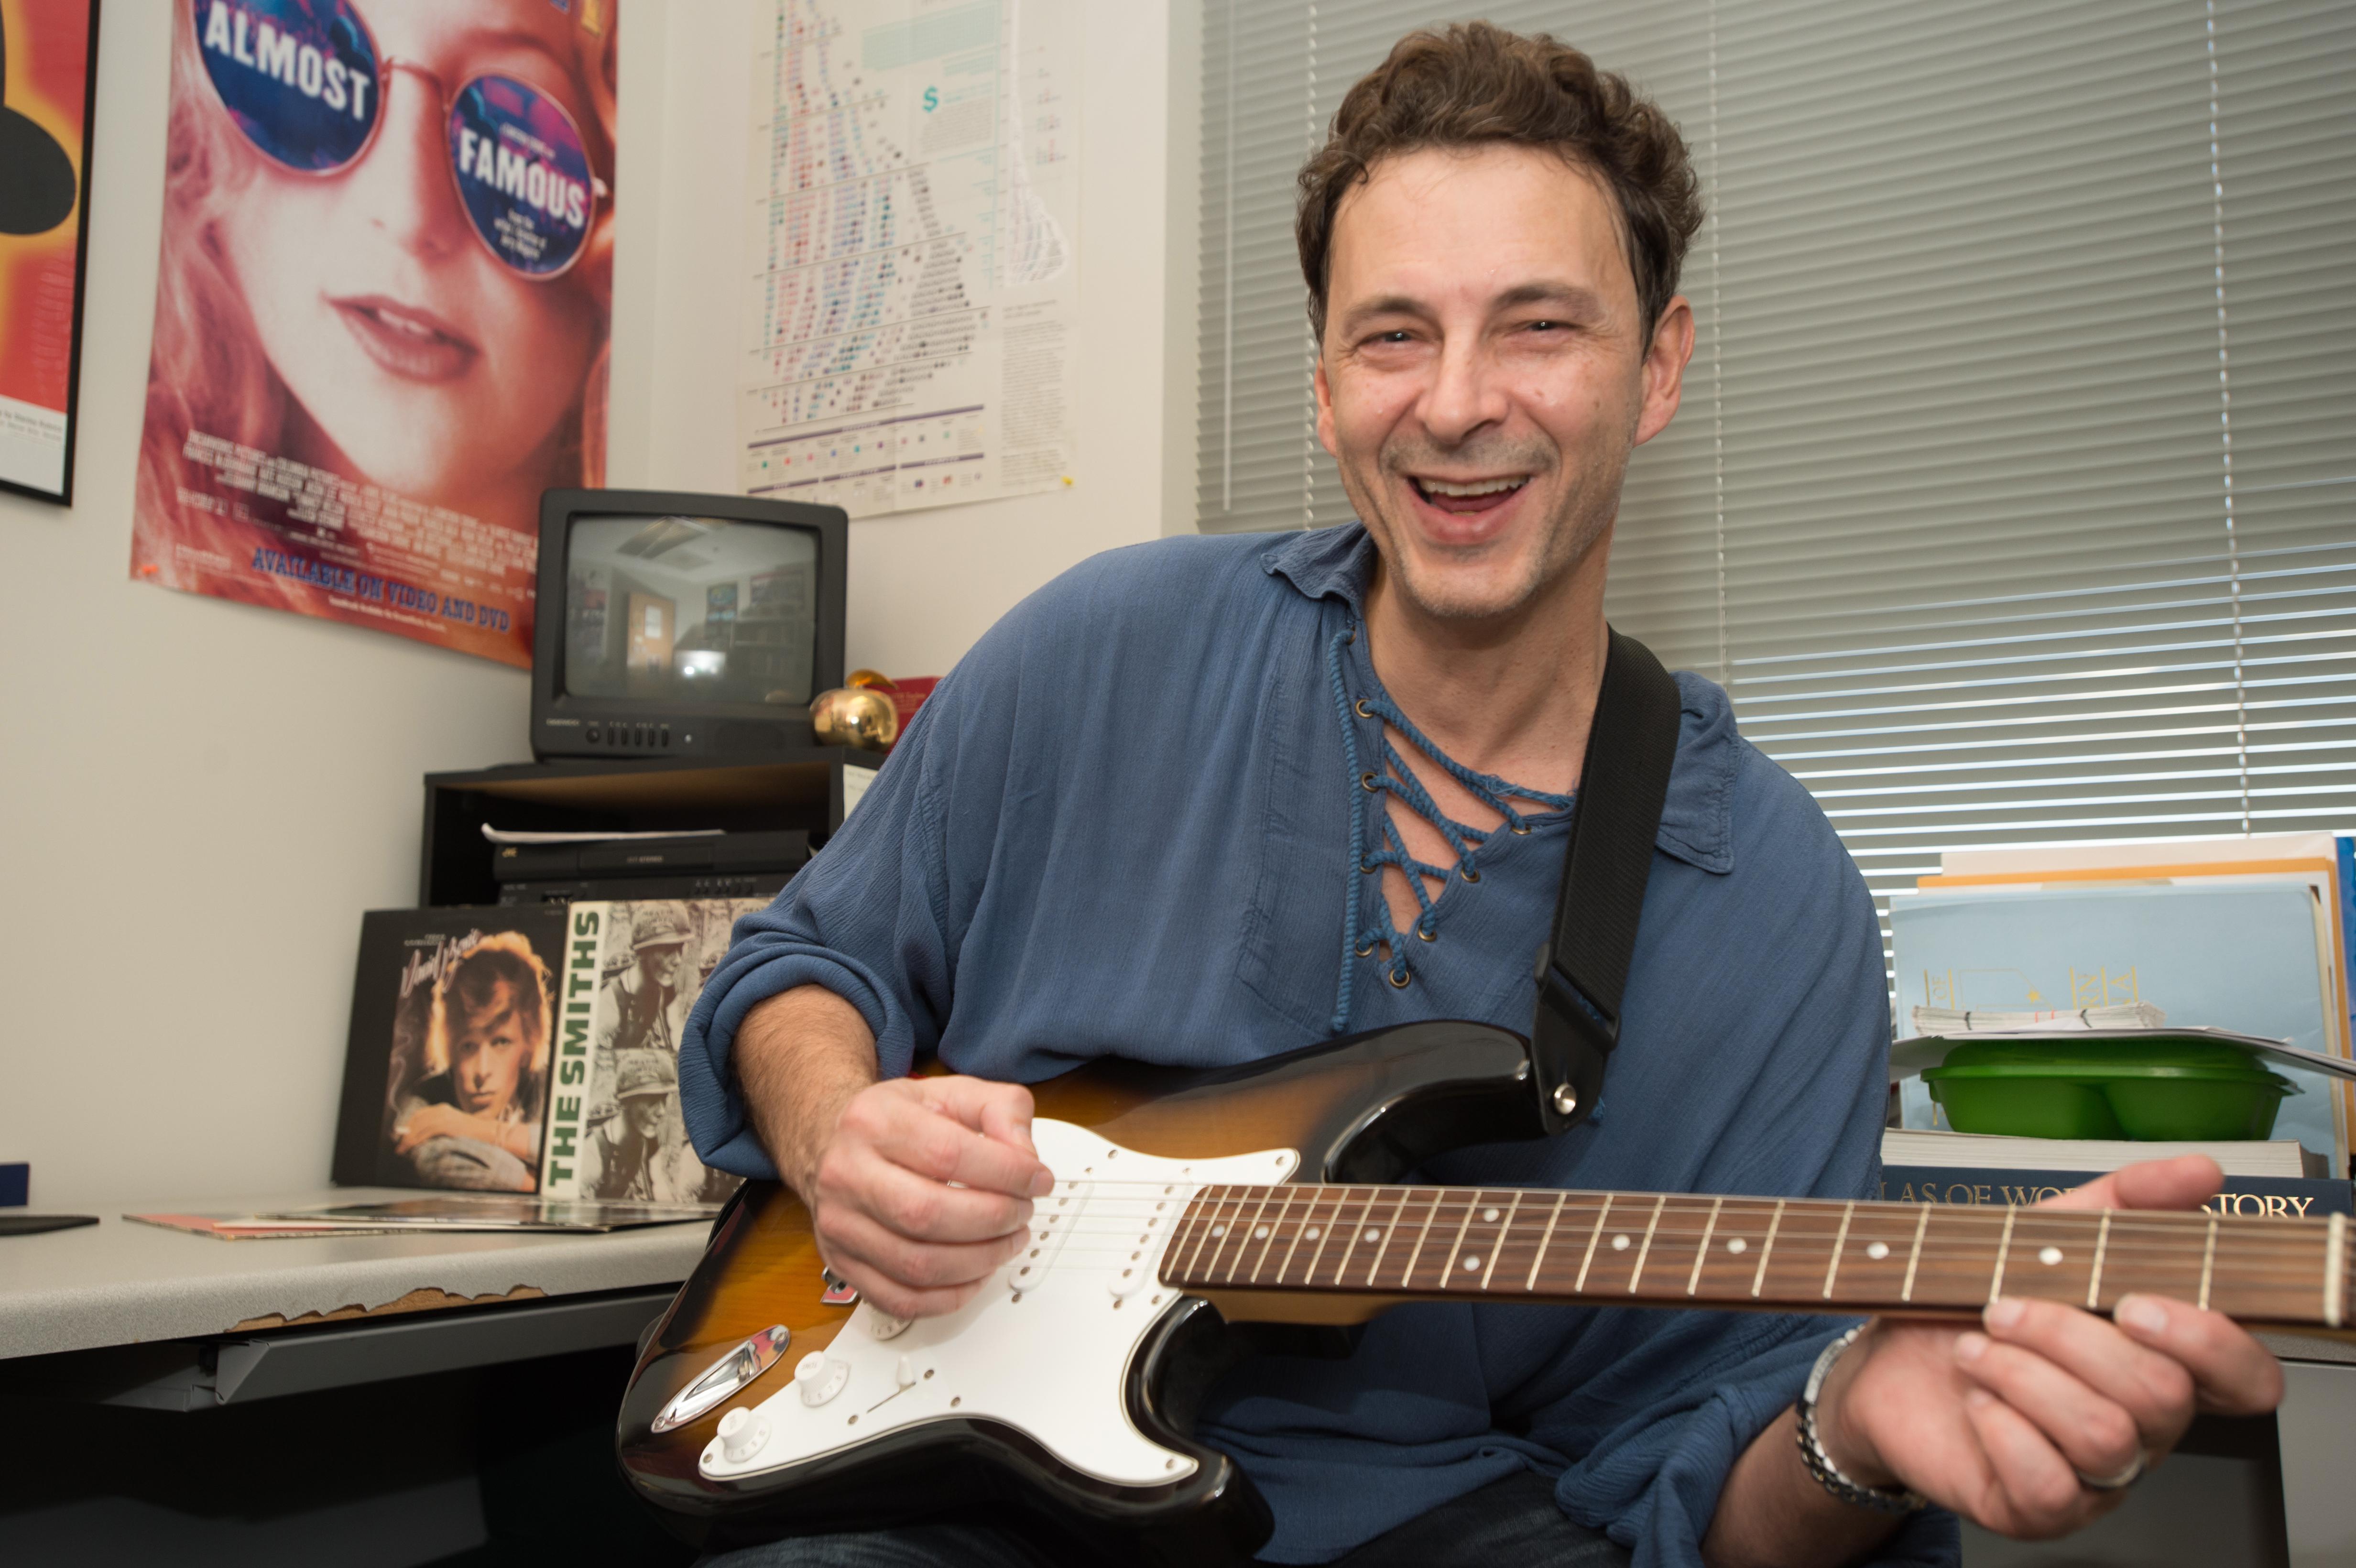 descubre el how to tune a guitar usi